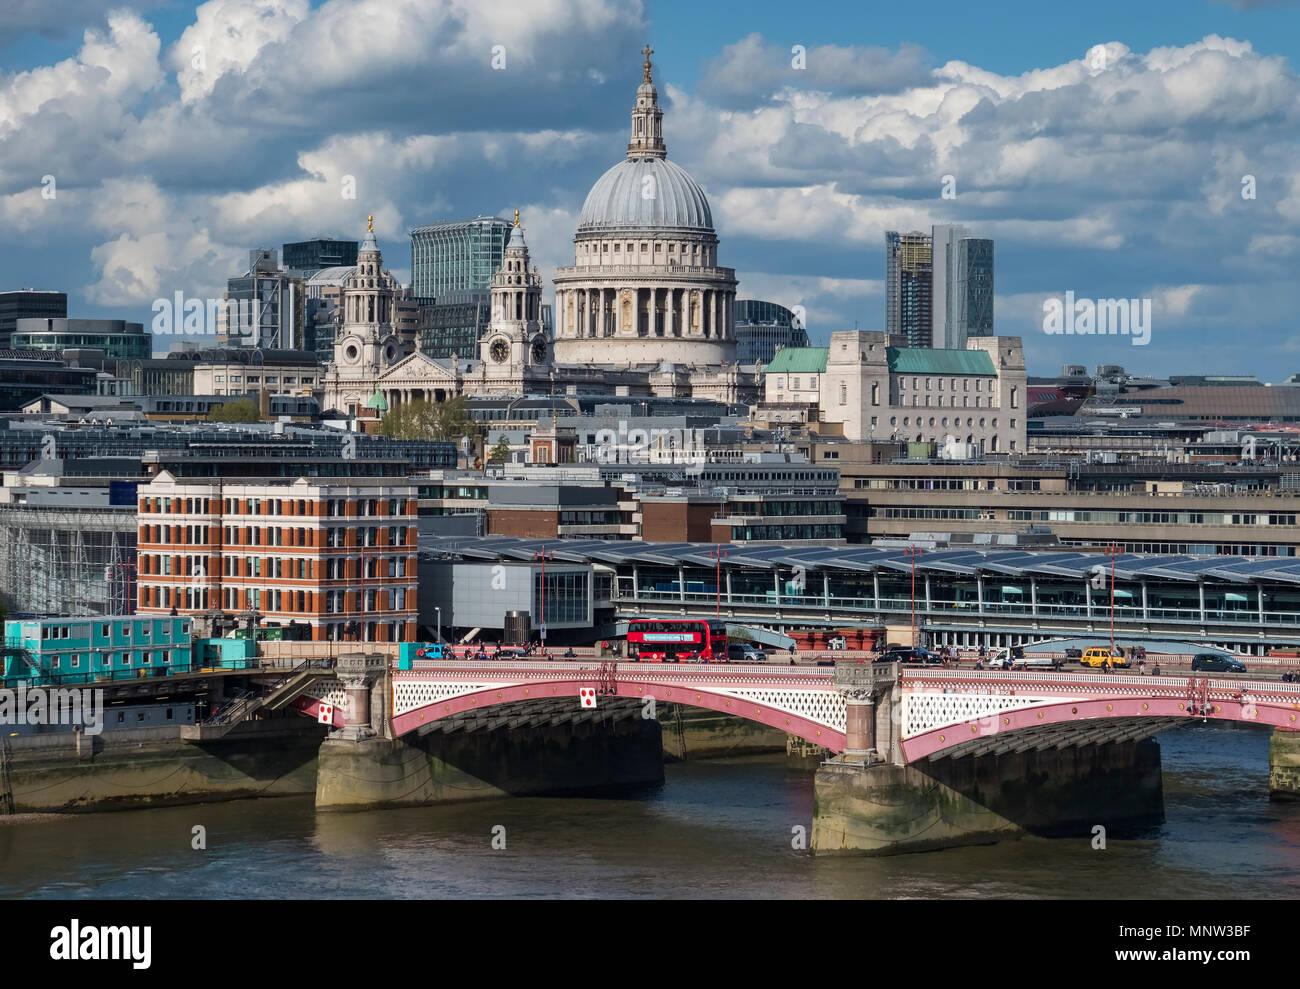 Die St Paul's Kathedrale, Blackfriars Bridge und die Themse, London, England, Großbritannien Stockbild